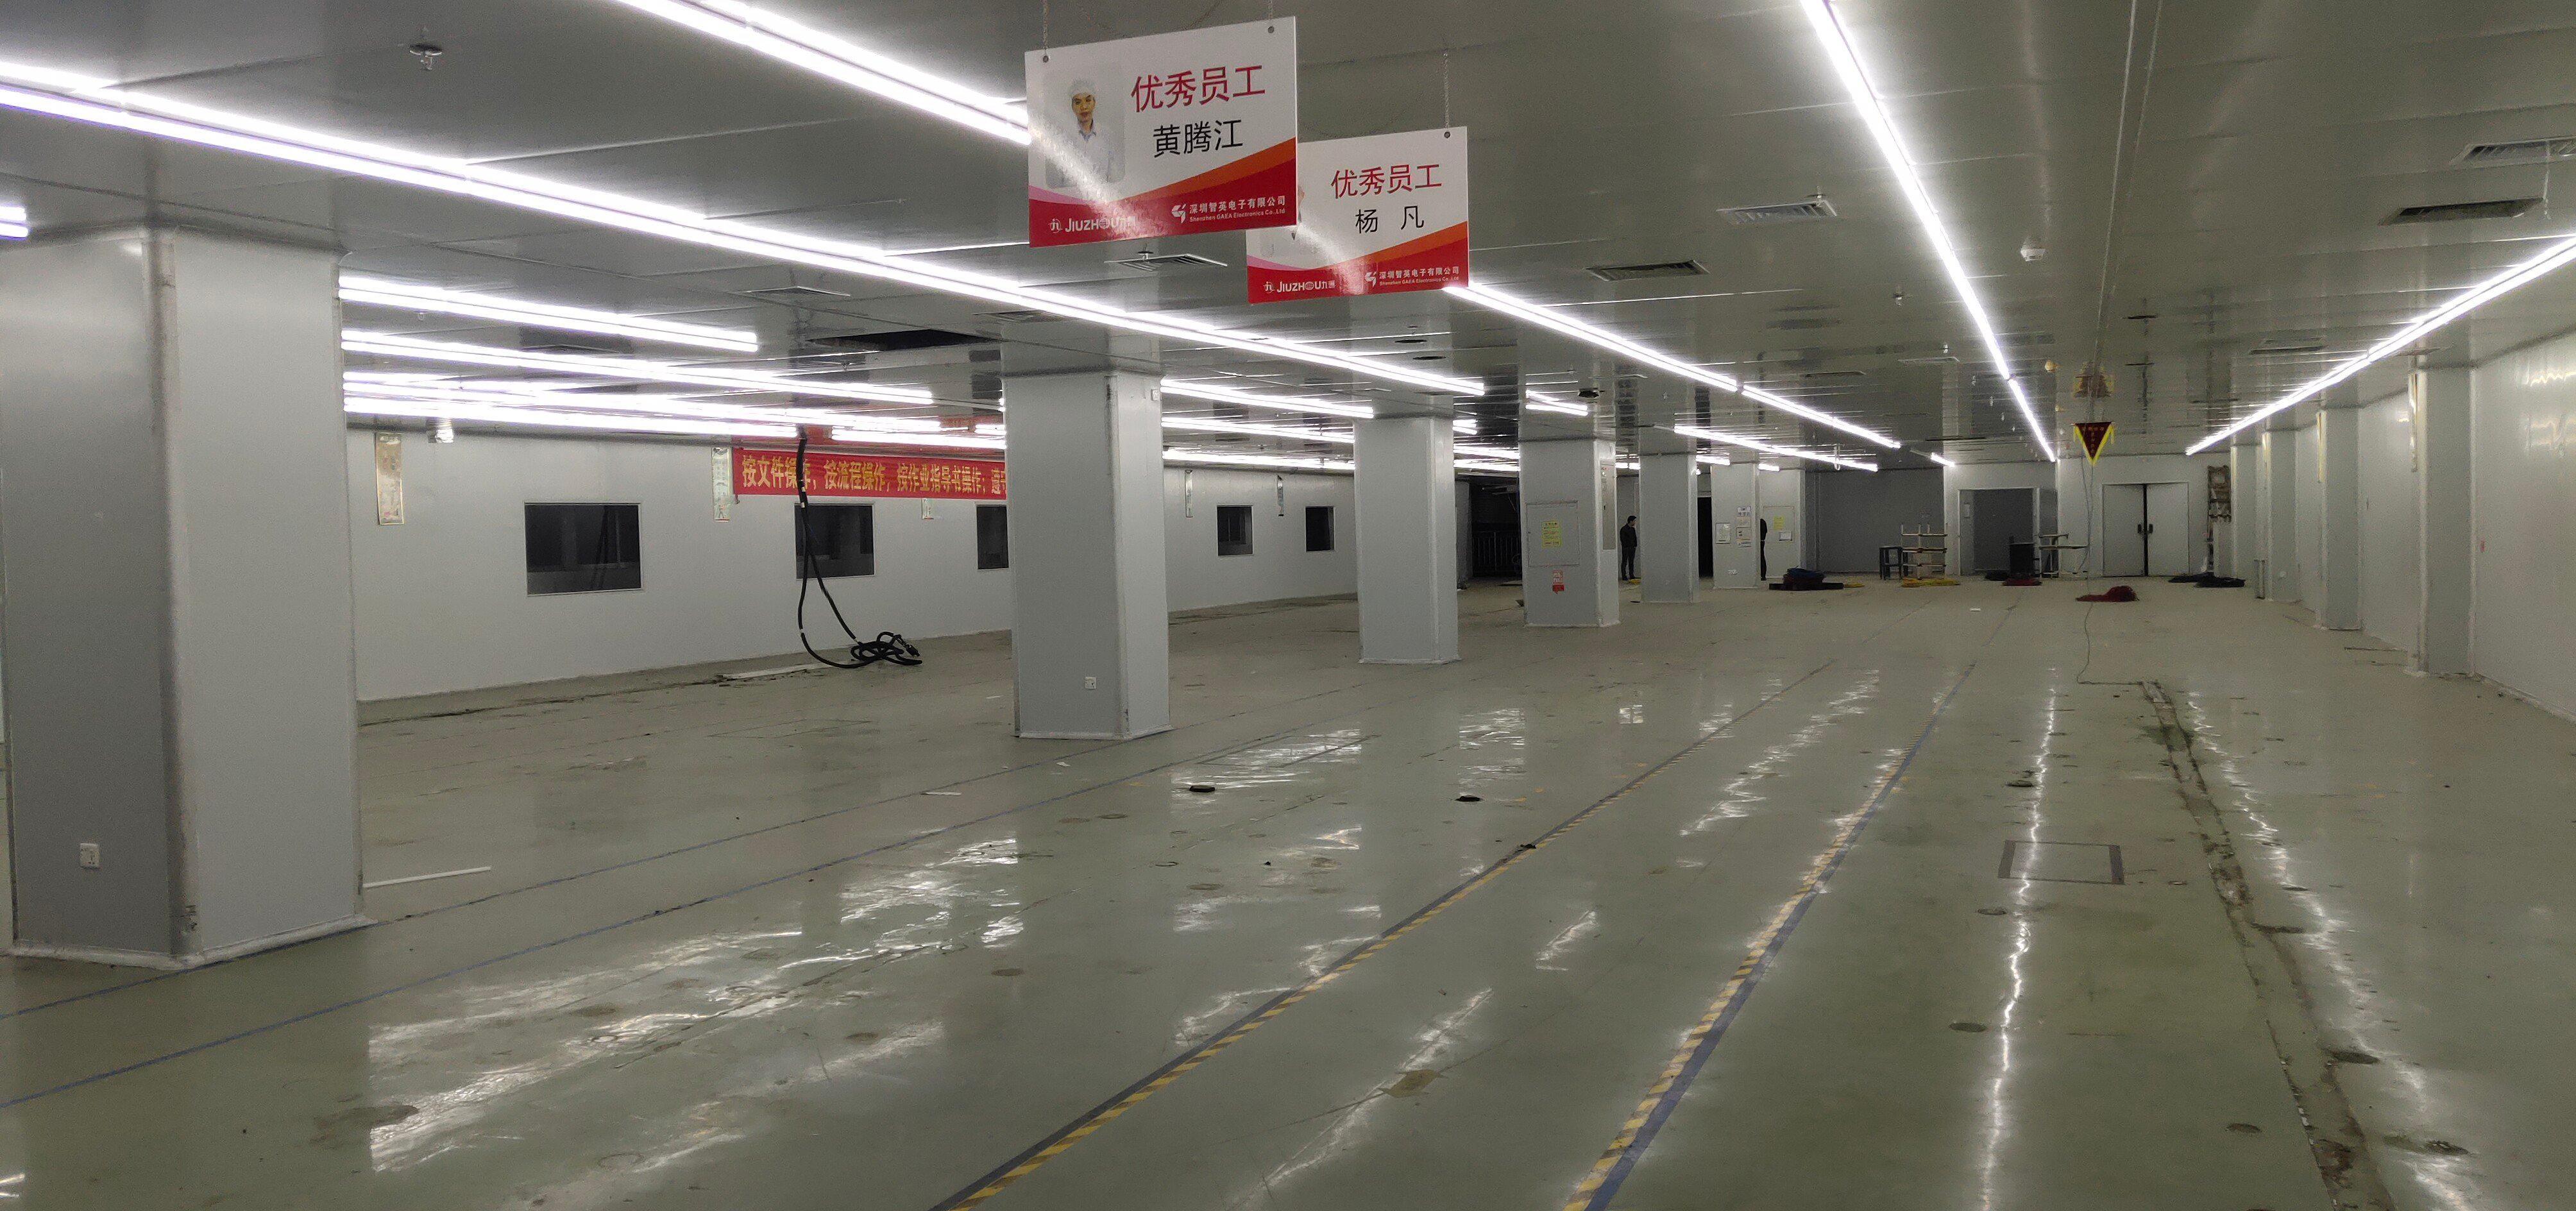 福永镇靠近沙井楼上1500平米无尘车间出租!-图2